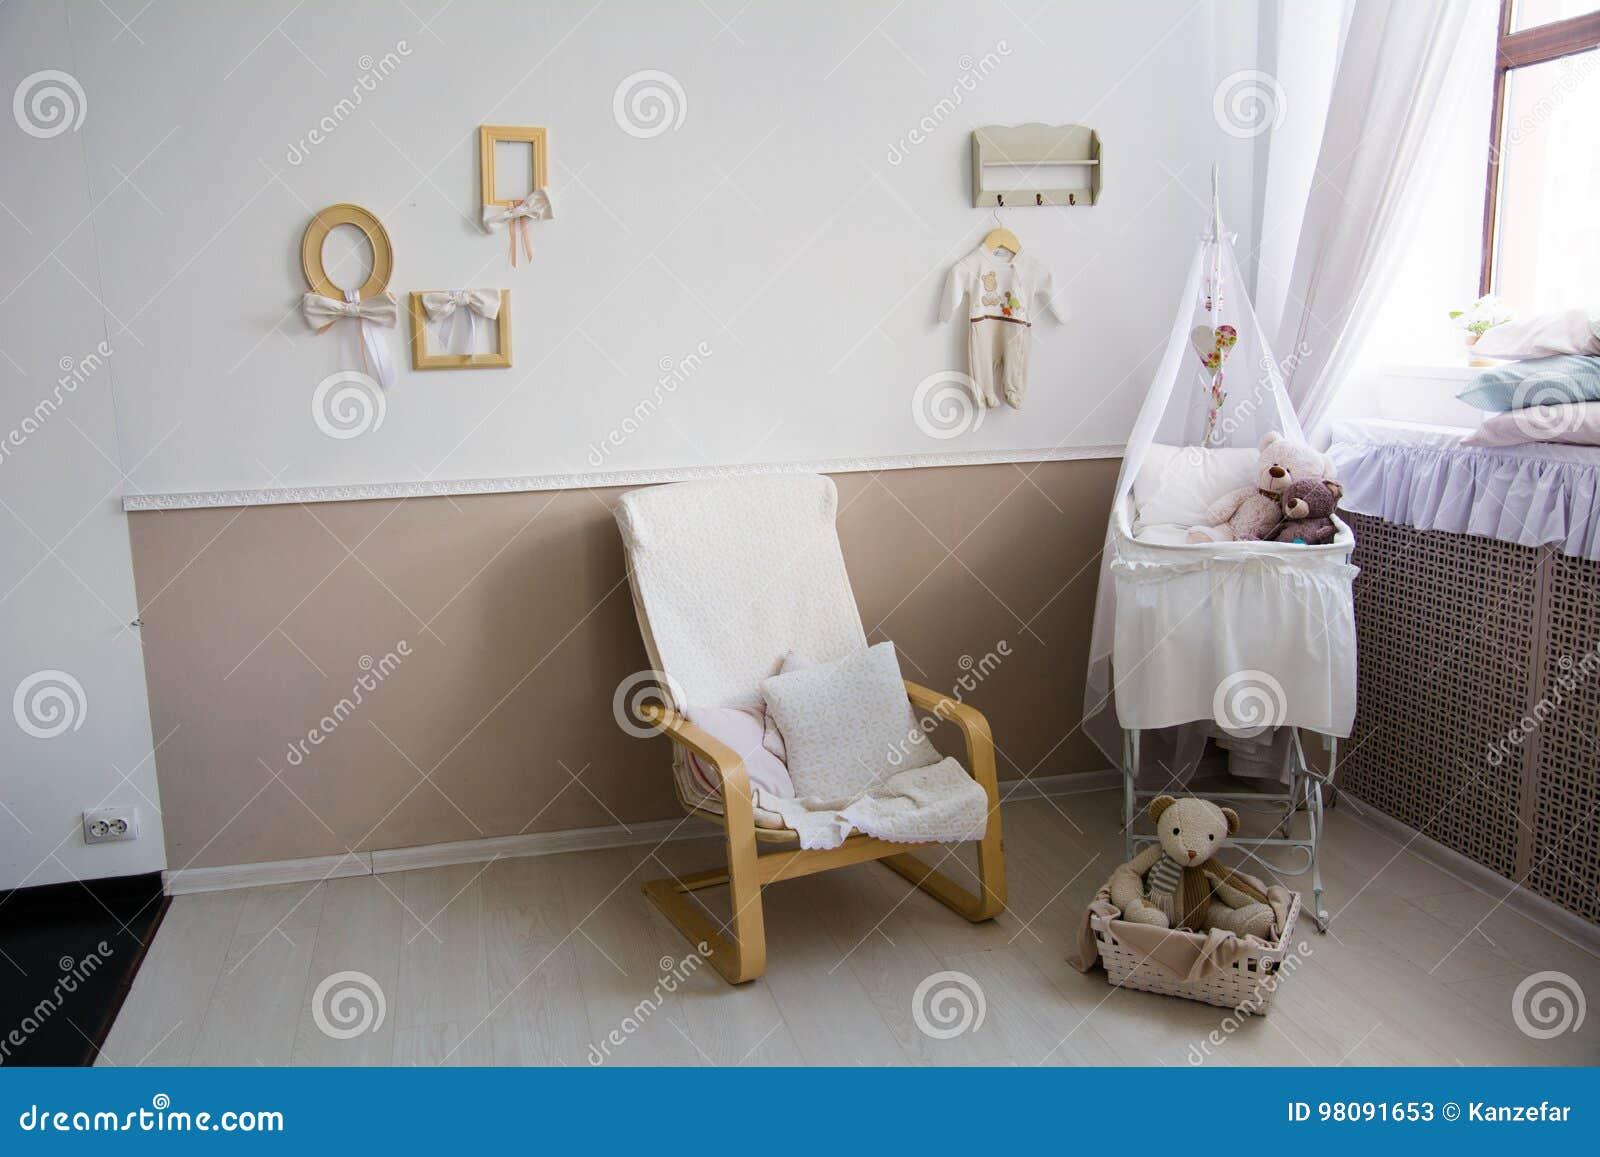 Interior de un cuarto de niños con un pesebre para un bebé